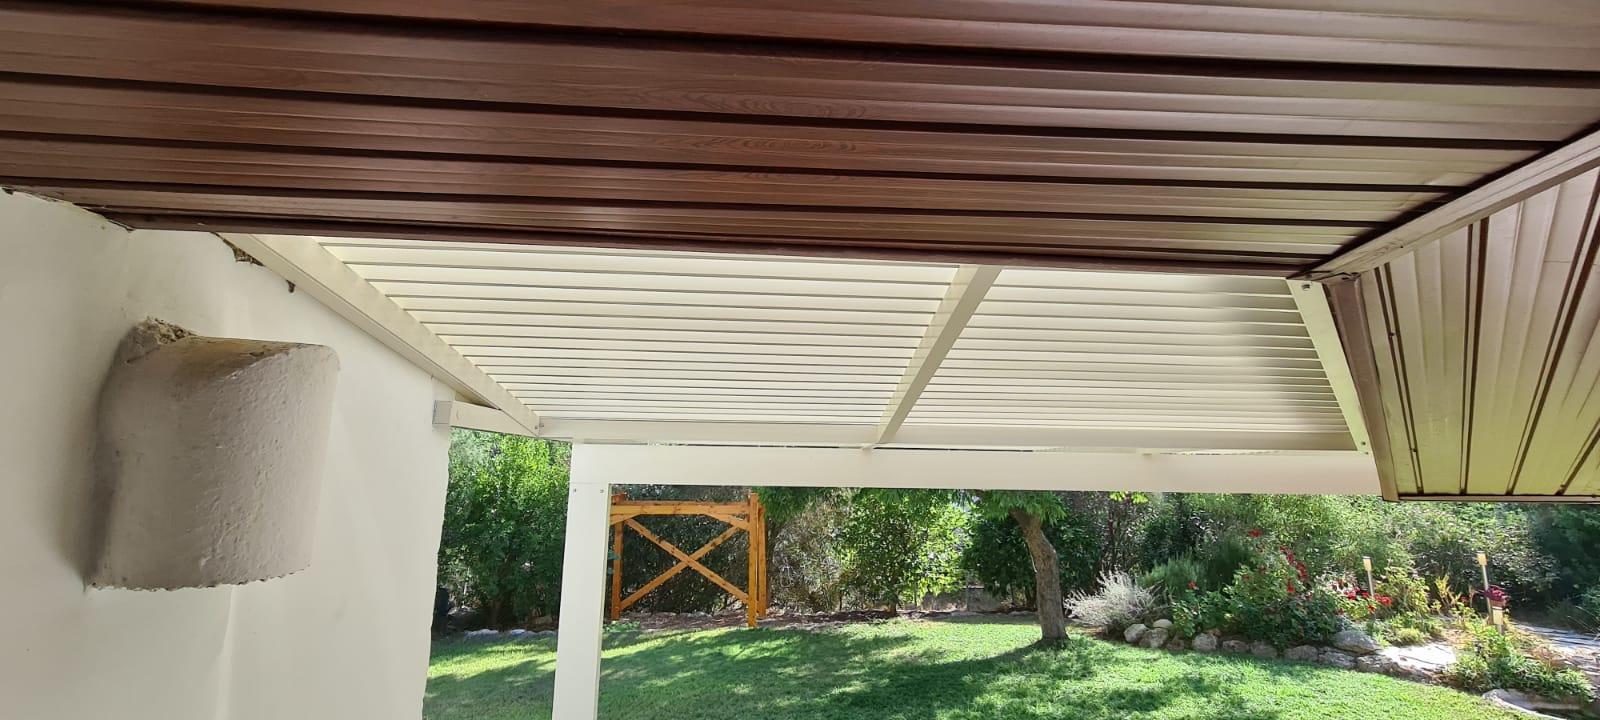 התקנת פרגולה בגג עץ קיים